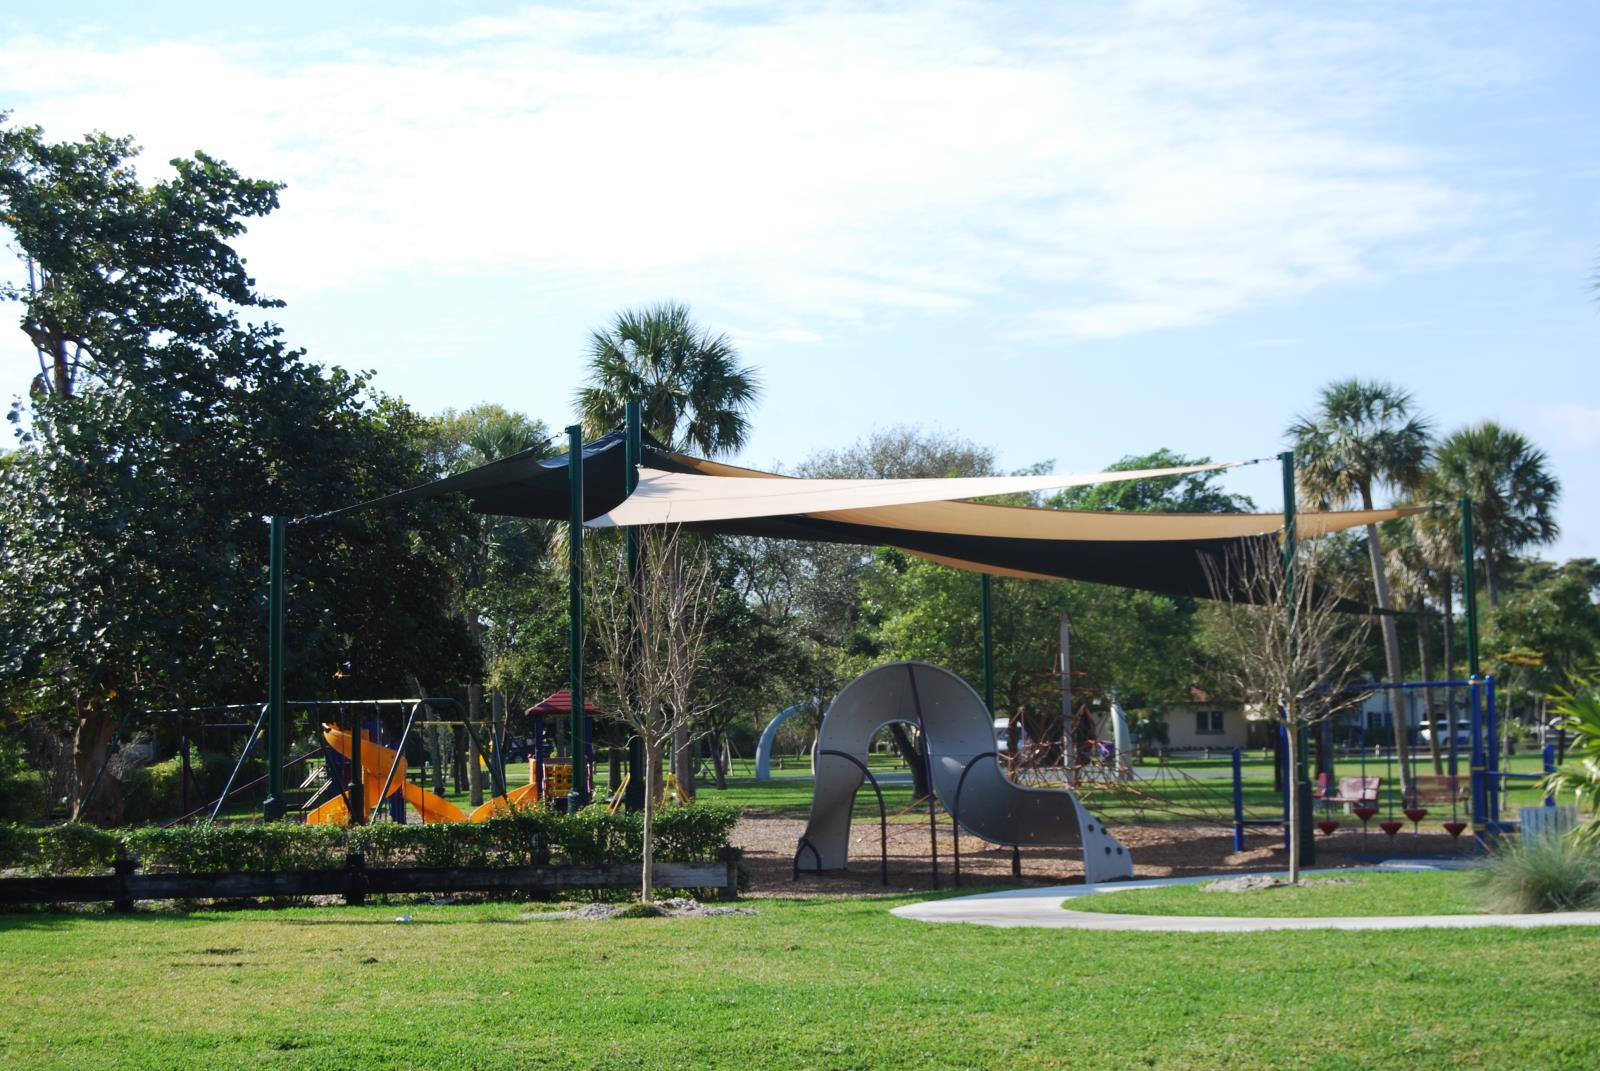 Hortt Park2